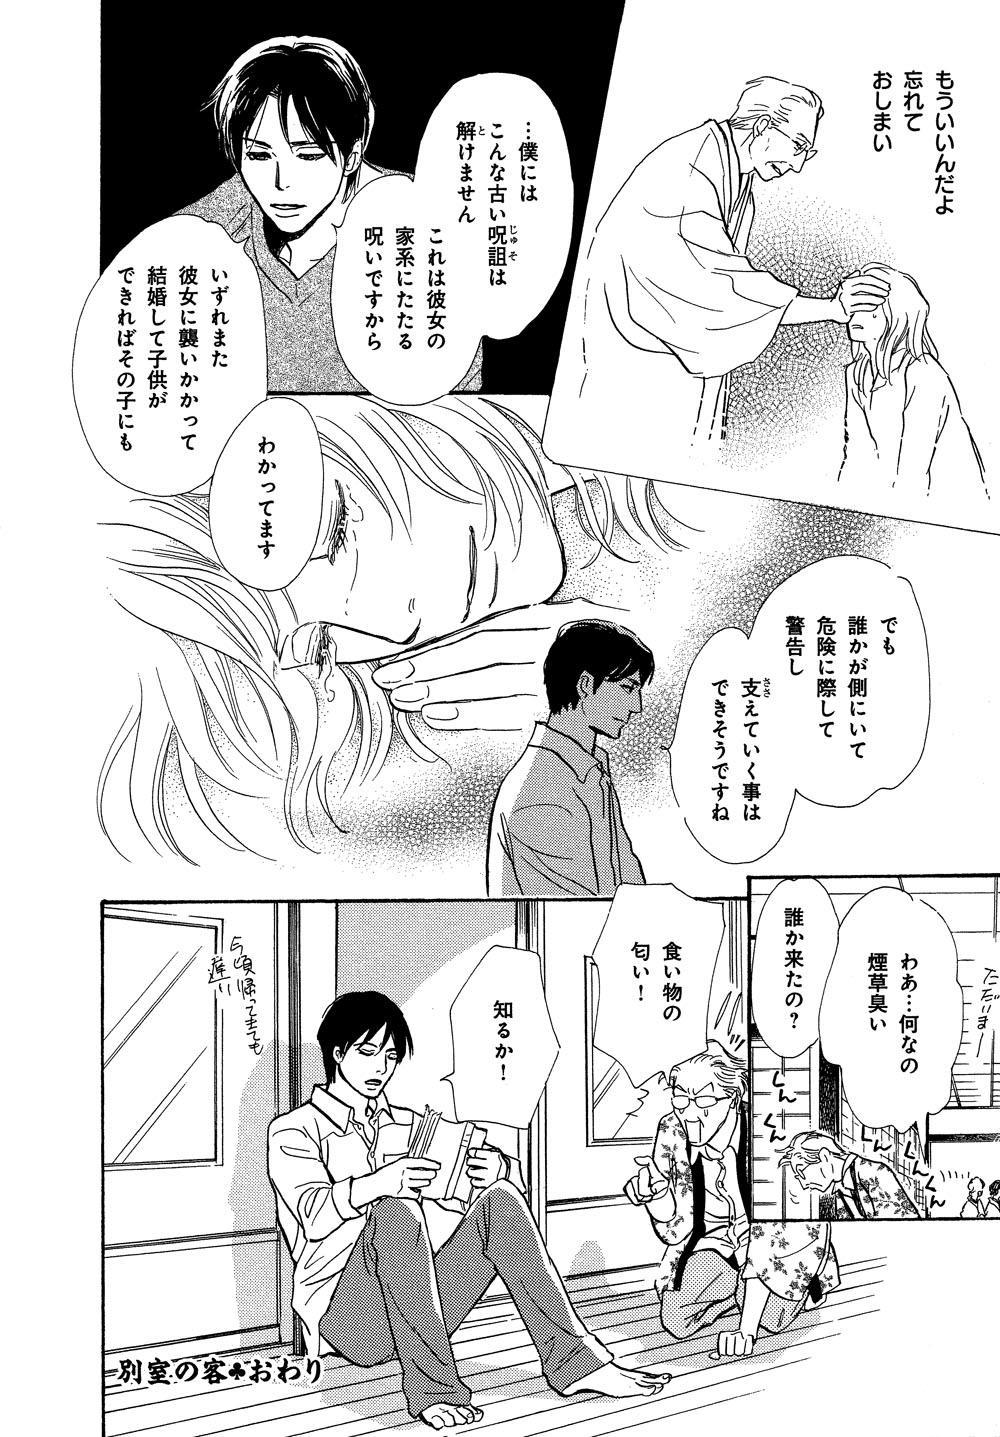 hyakki_0020_0048.jpg